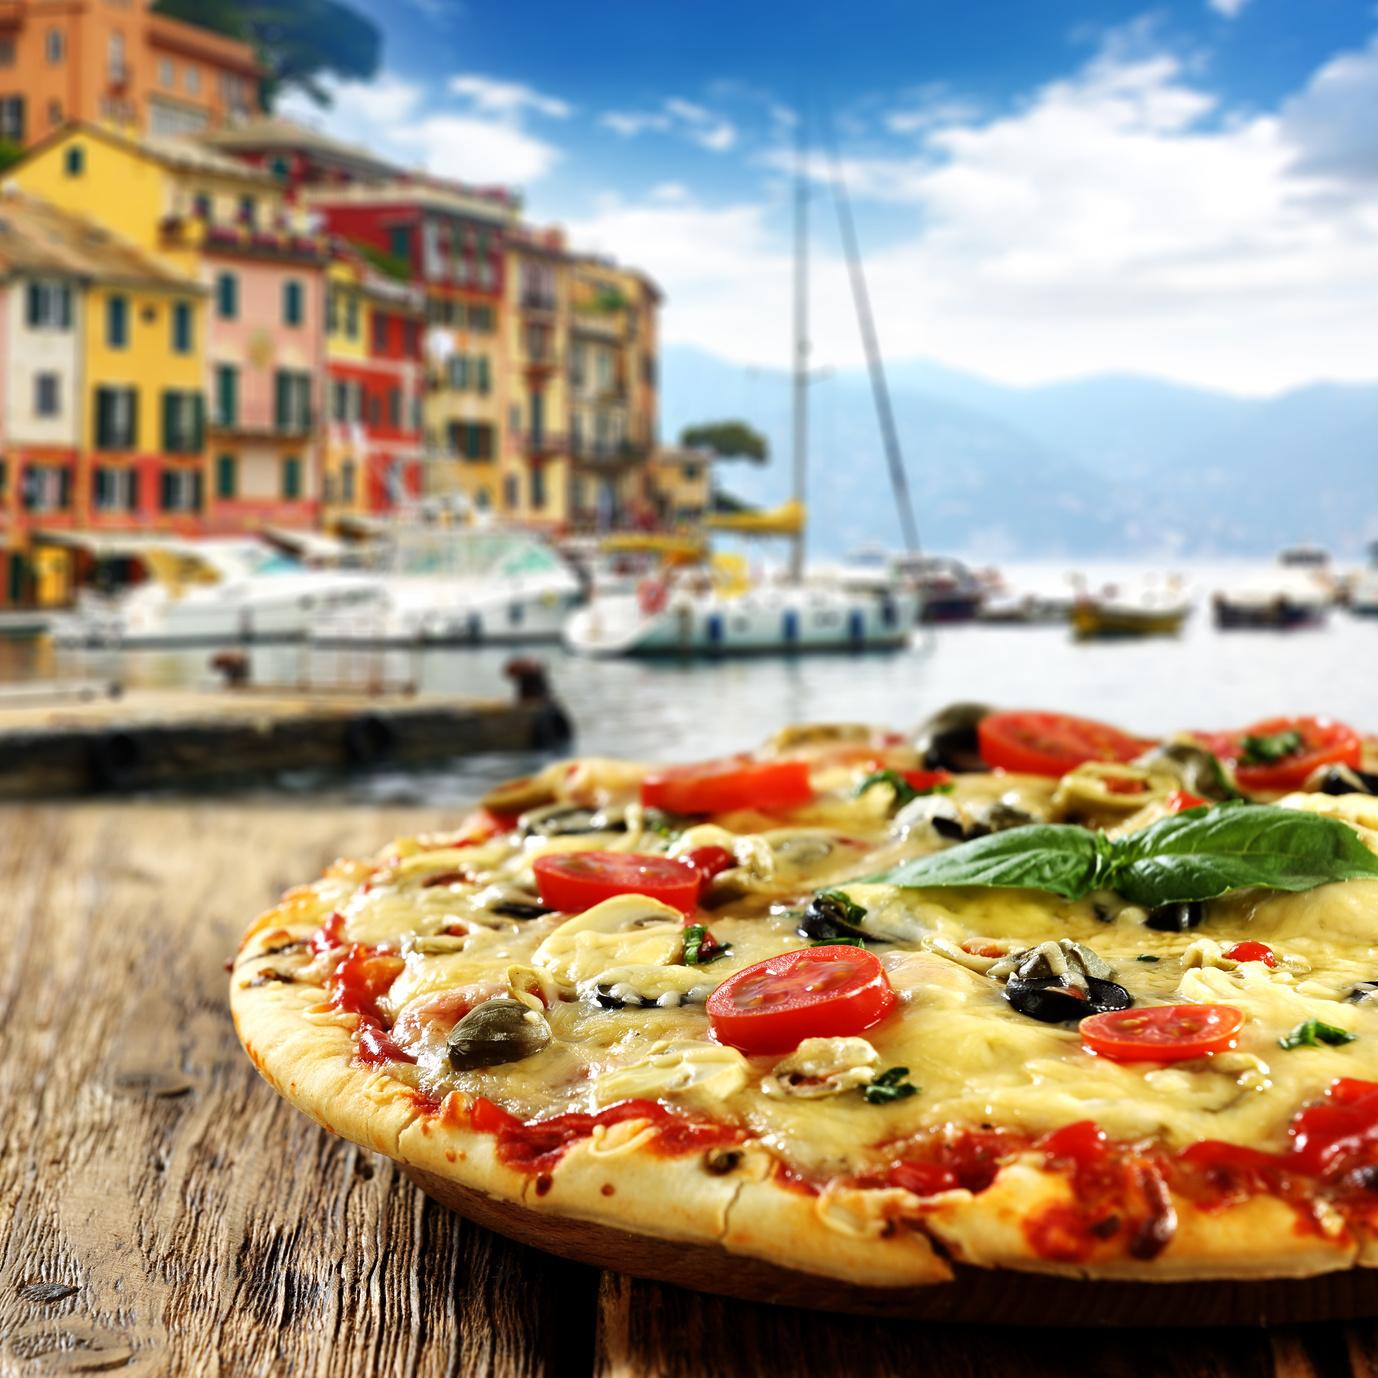 pizzeria consegna domicilio Napoli